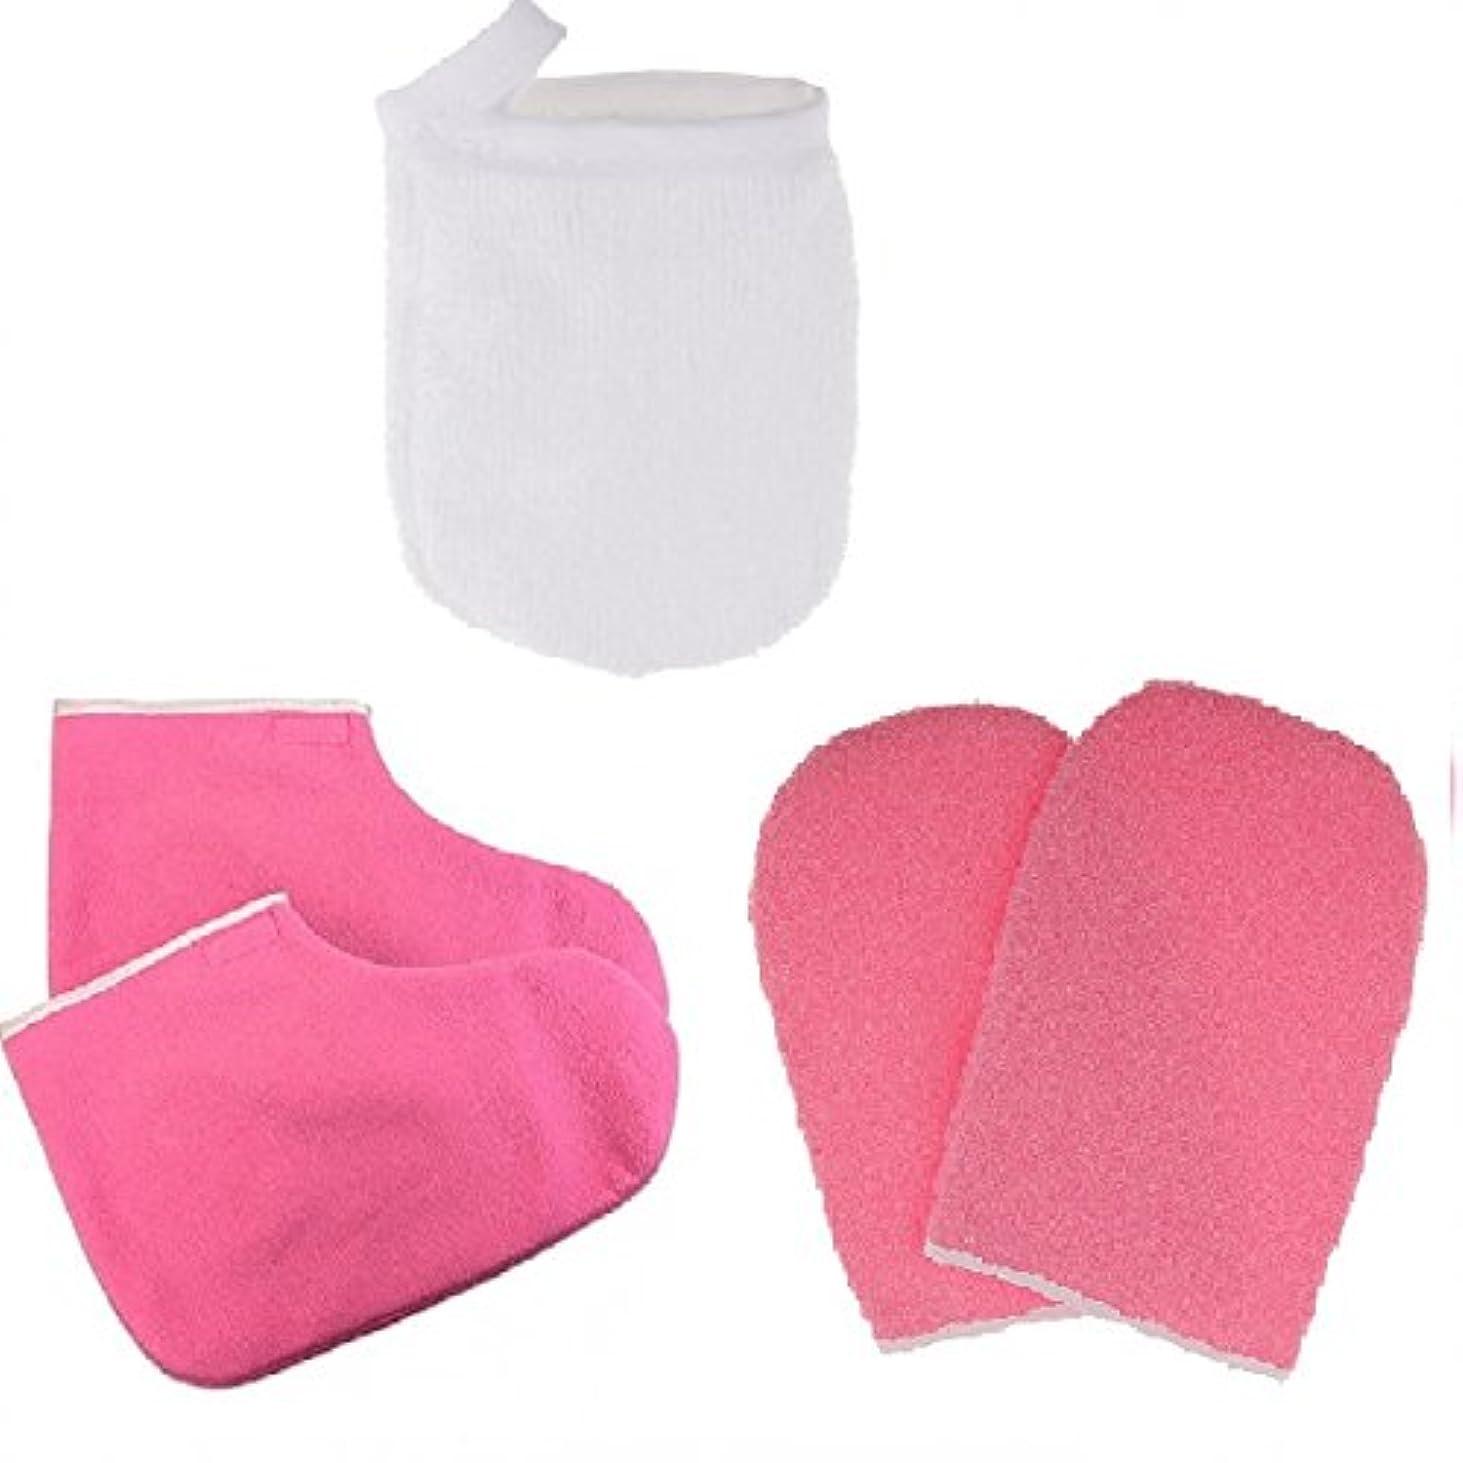 博物館嵐の手当グローブ 手袋 パラフィンワックス保護手袋 メイクリムーバー パラフィンワックス手袋 サロン 自宅用